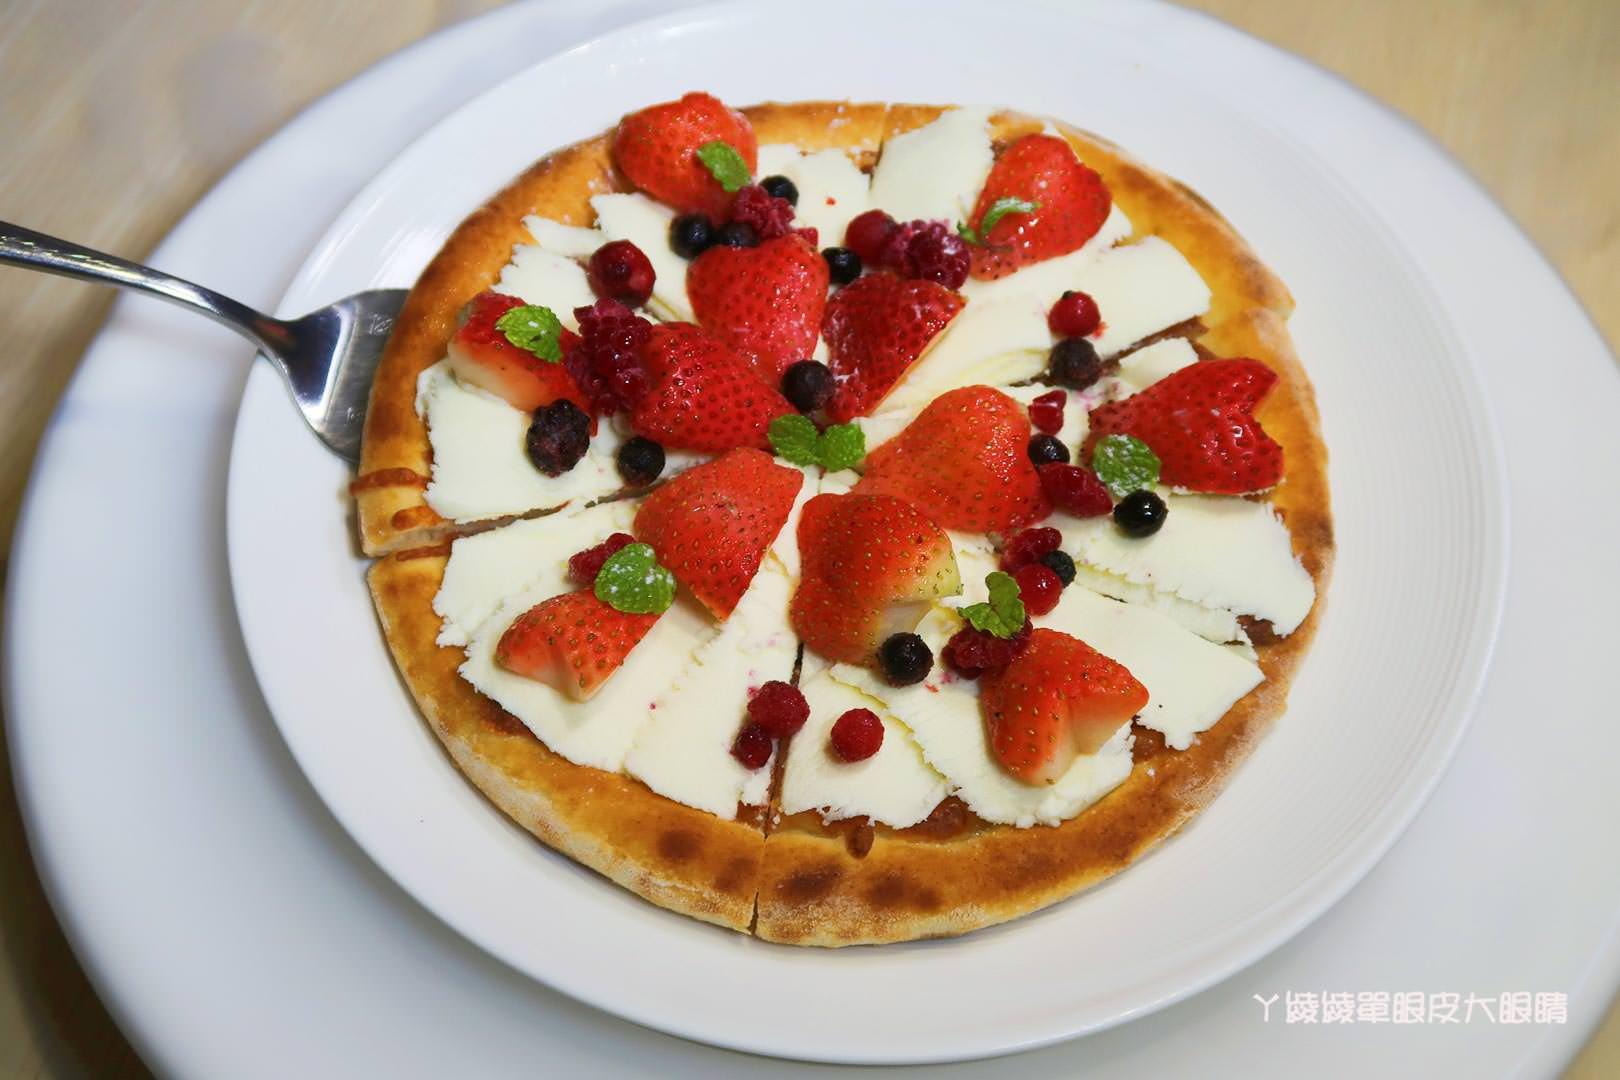 台北披薩推薦《義大利米蘭手工窯烤披薩》!捷運松江南京站超好吃的夢幻草莓冰披薩